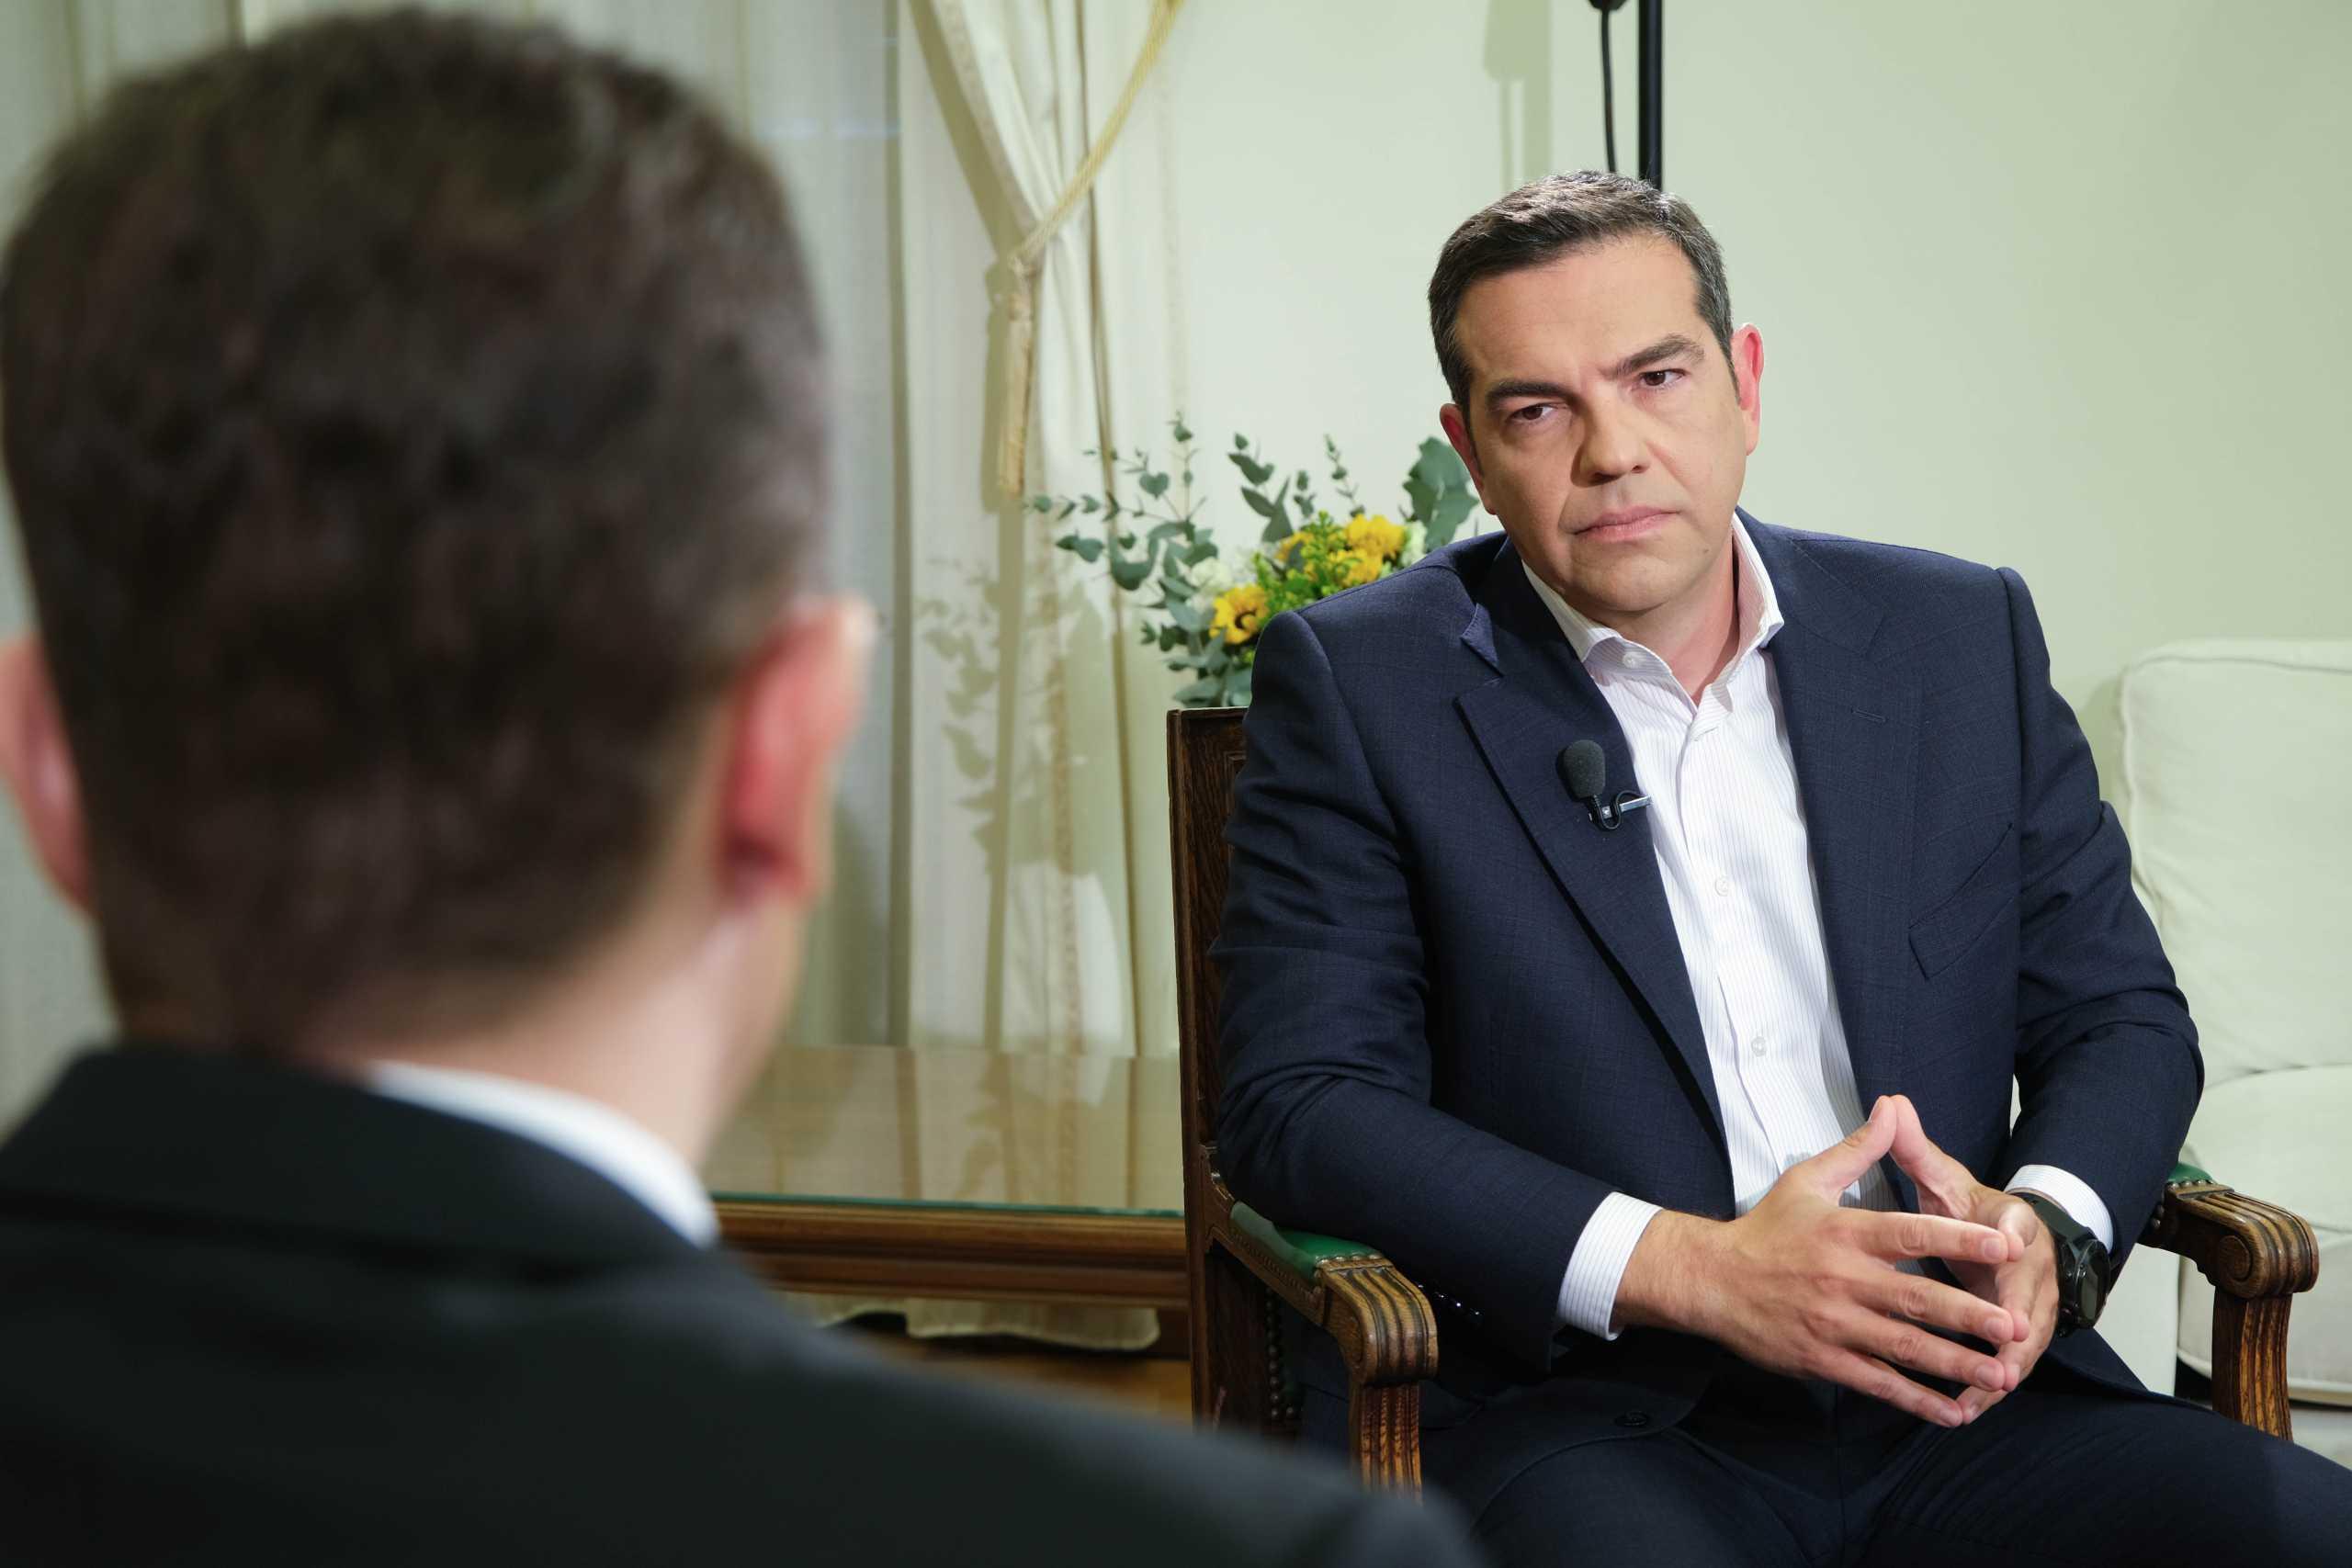 Αλέξης Τσίπρας: Ο κ. Μητσοτάκης έχει μολυνθεί από την ασθένεια της αλαζονείας